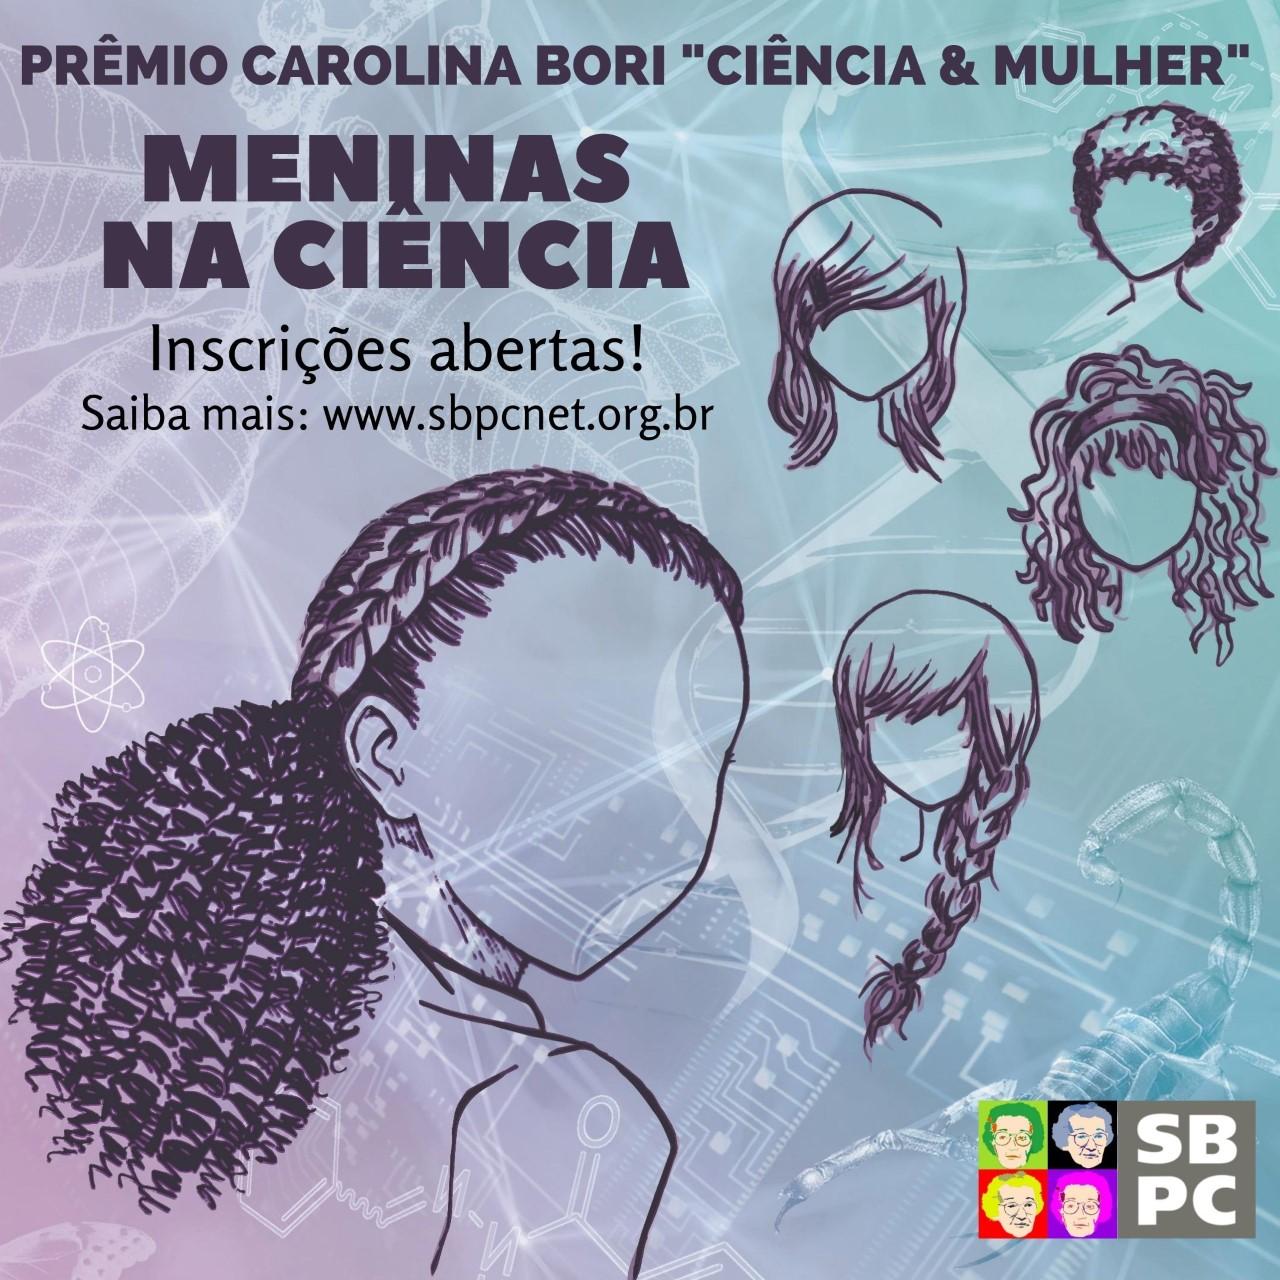 2º Prêmio Ciência & Mulher está com inscrições abertas